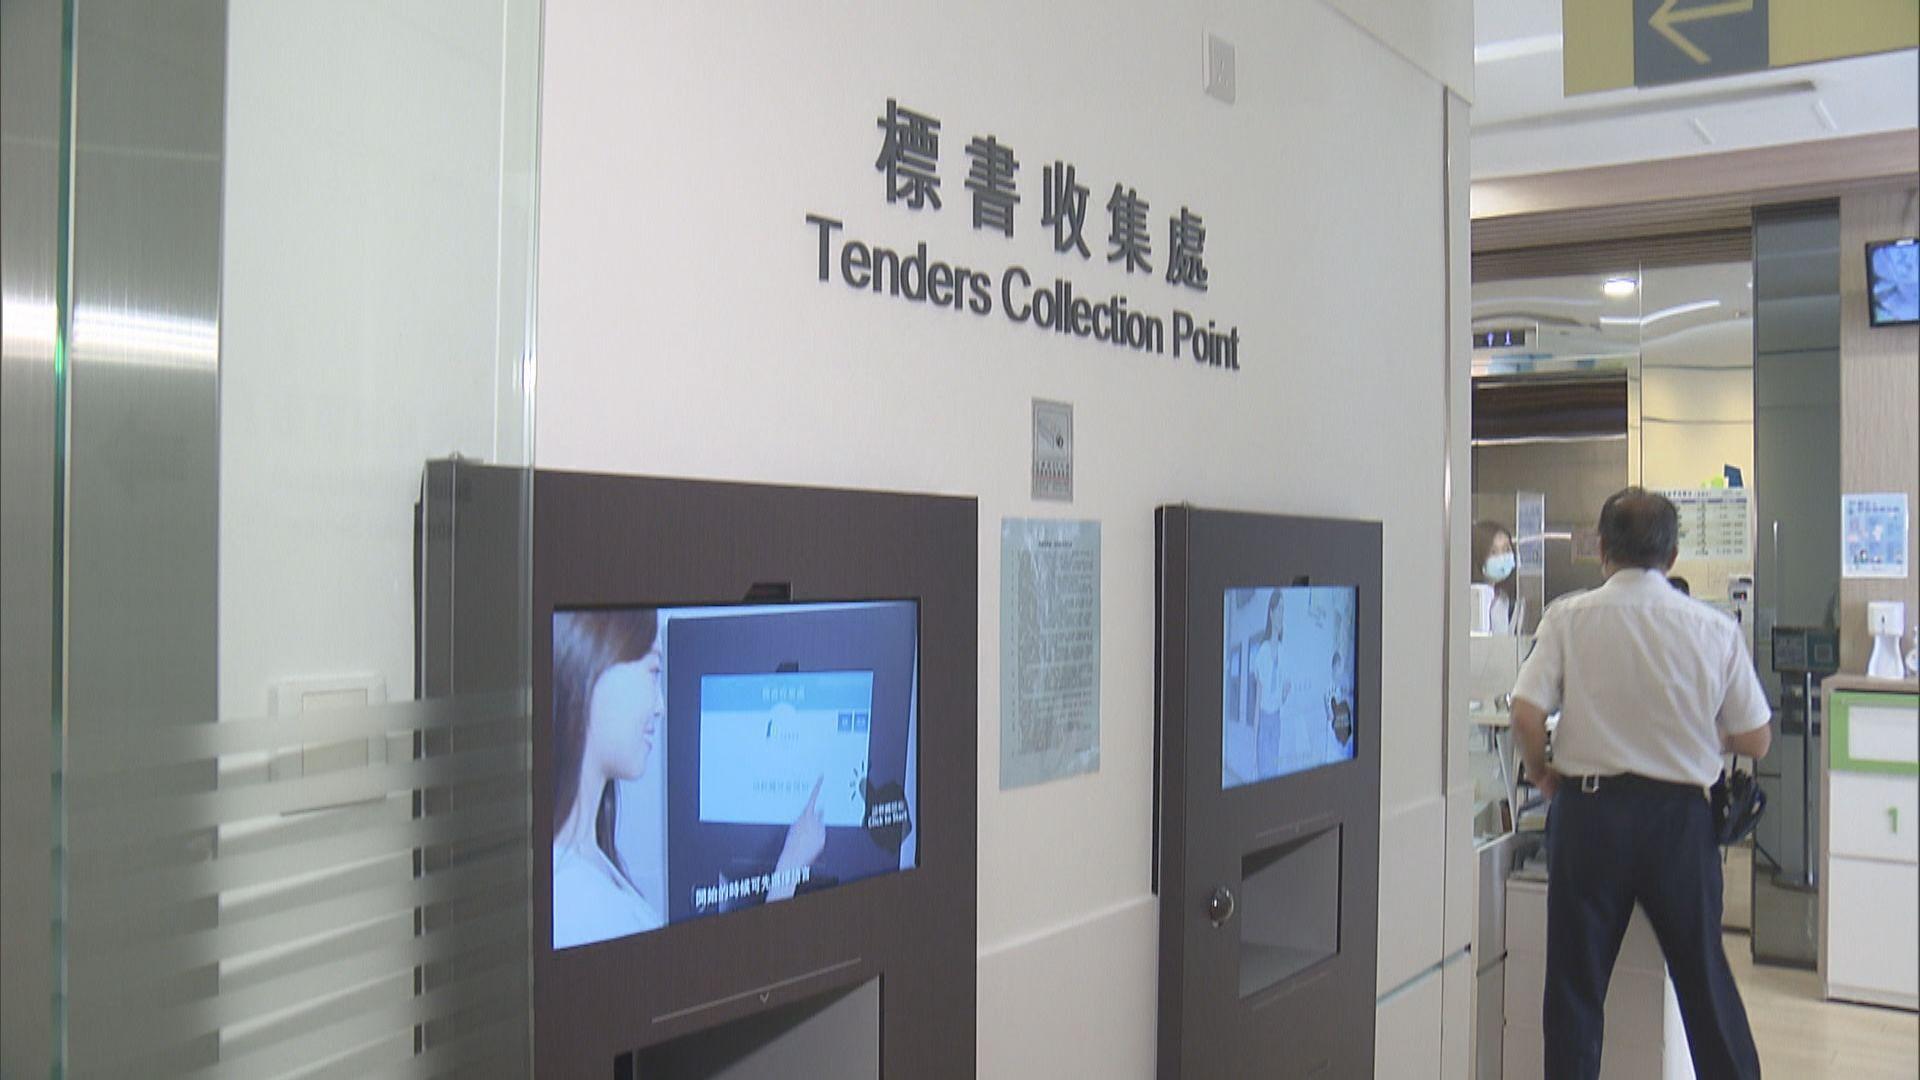 市建局開發全新標書收集系統